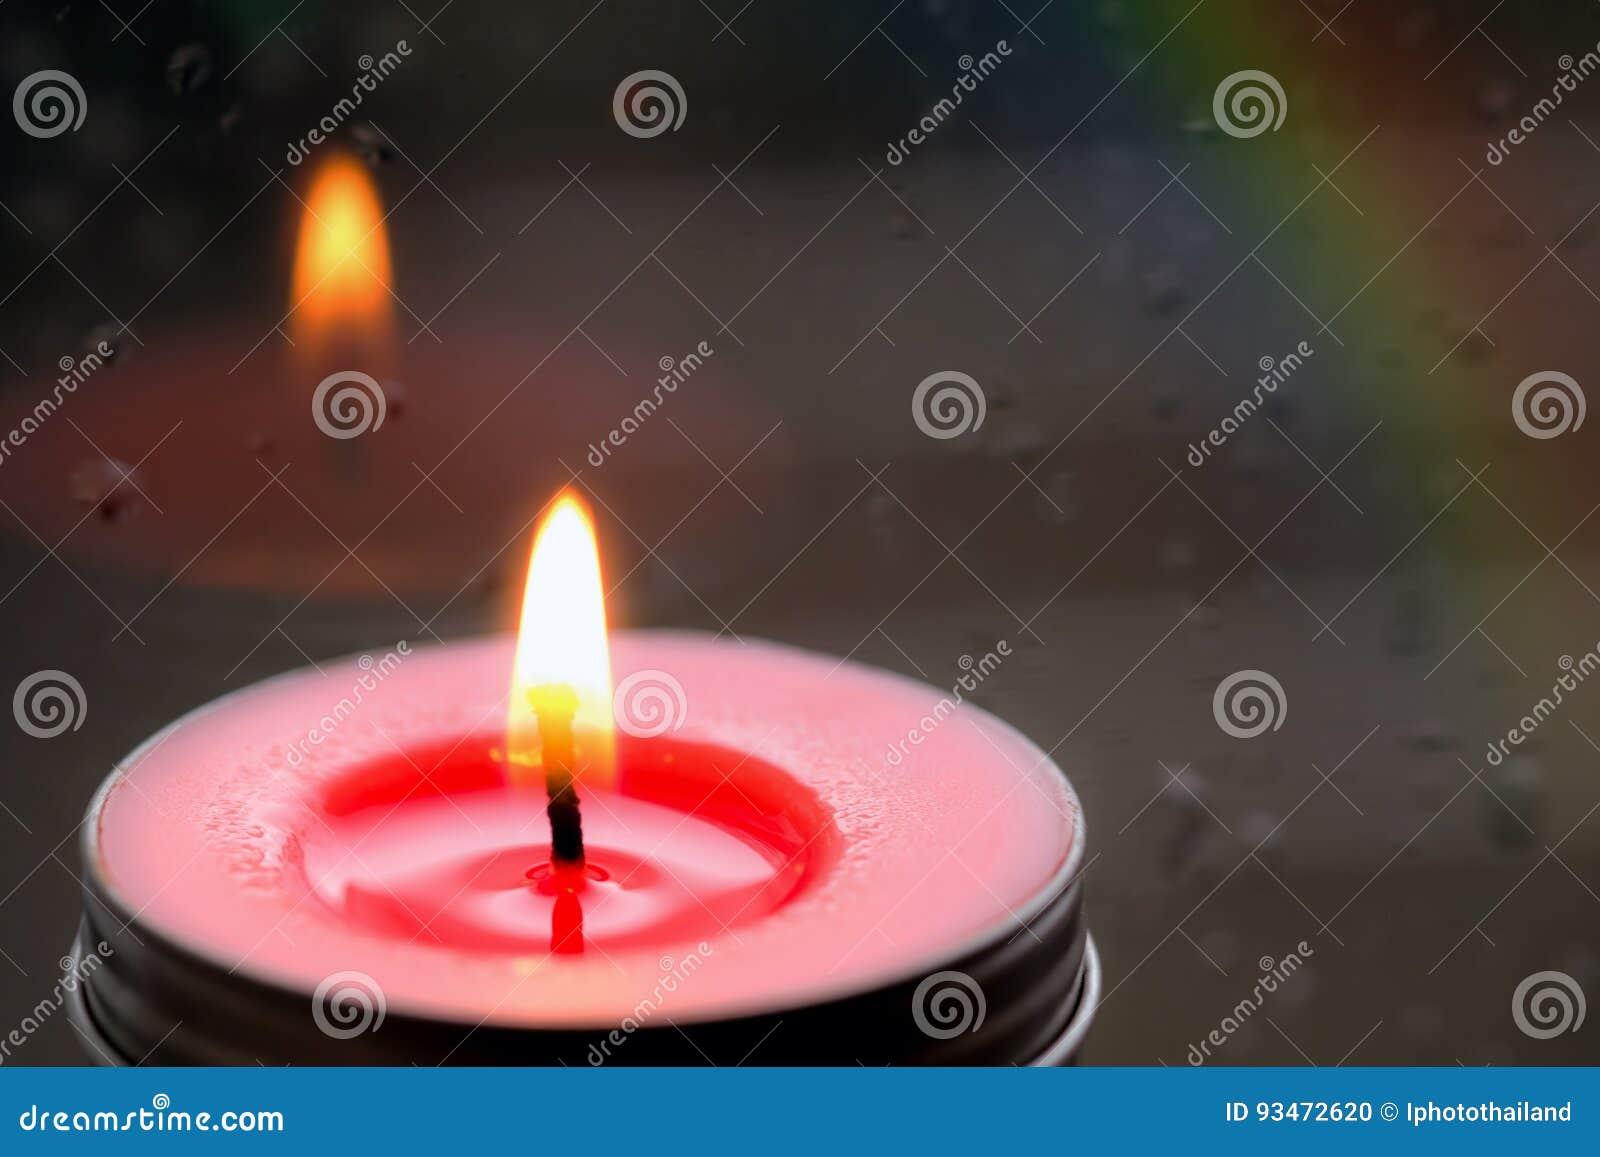 Licht Roze Kaarsen : Licht van roze kaars in de voorzijde bij venster met vaag regendr